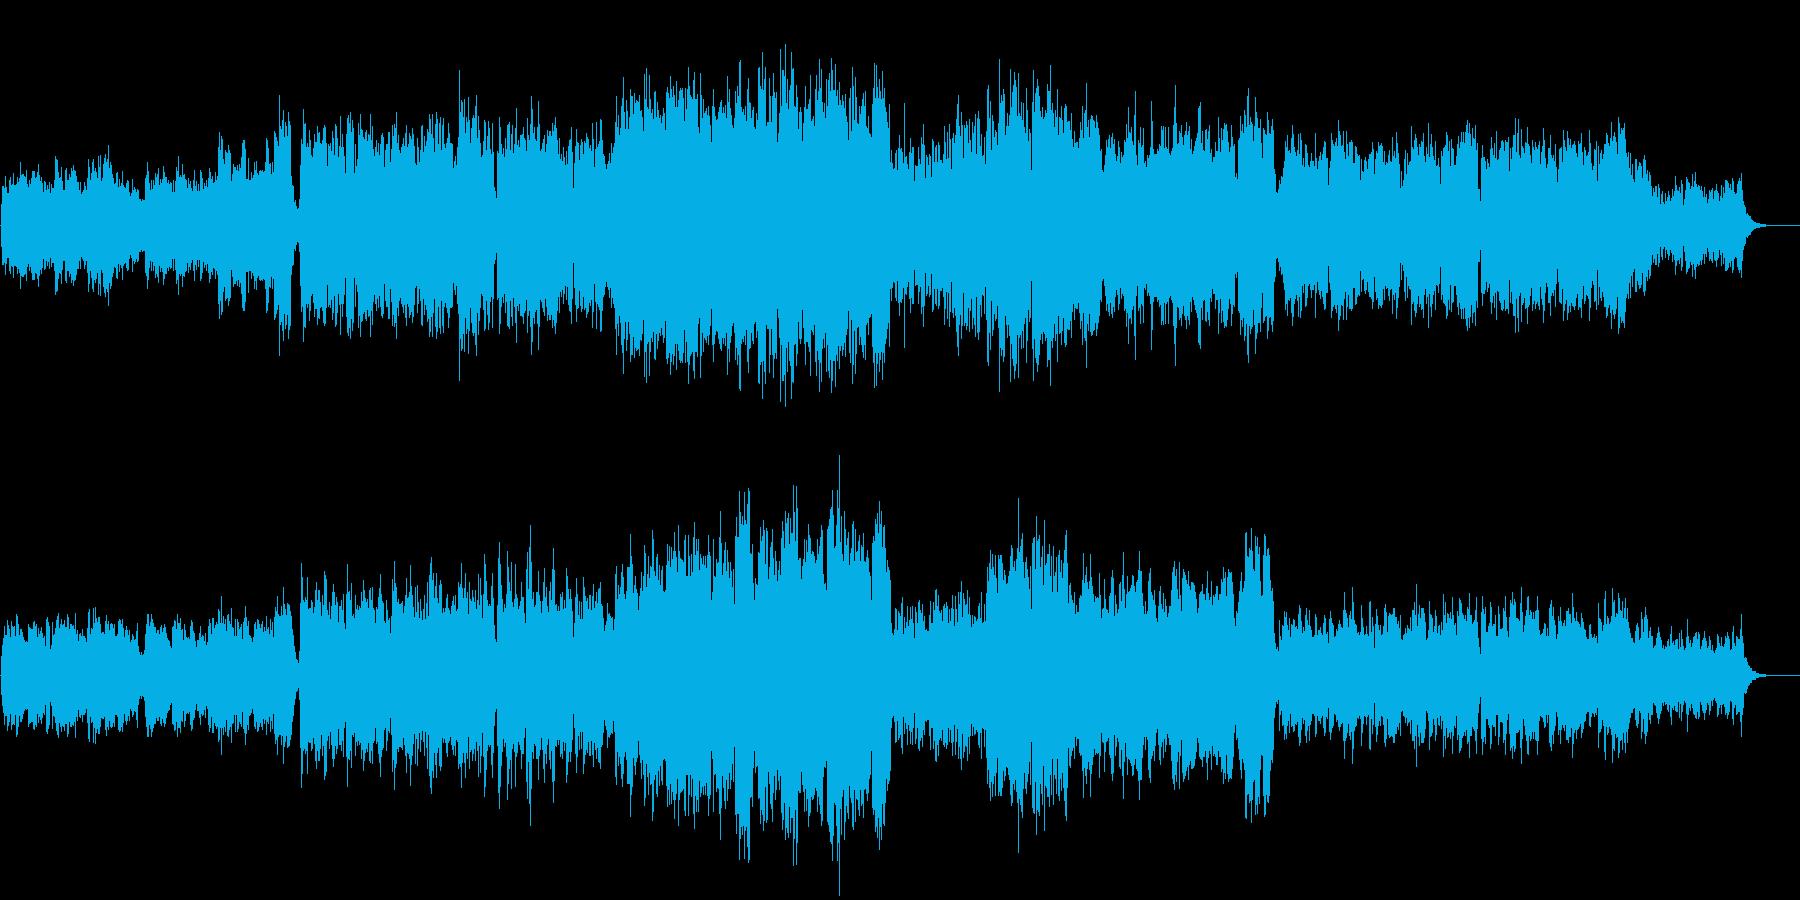 ファンタジーRPG 壮大なエンディングの再生済みの波形